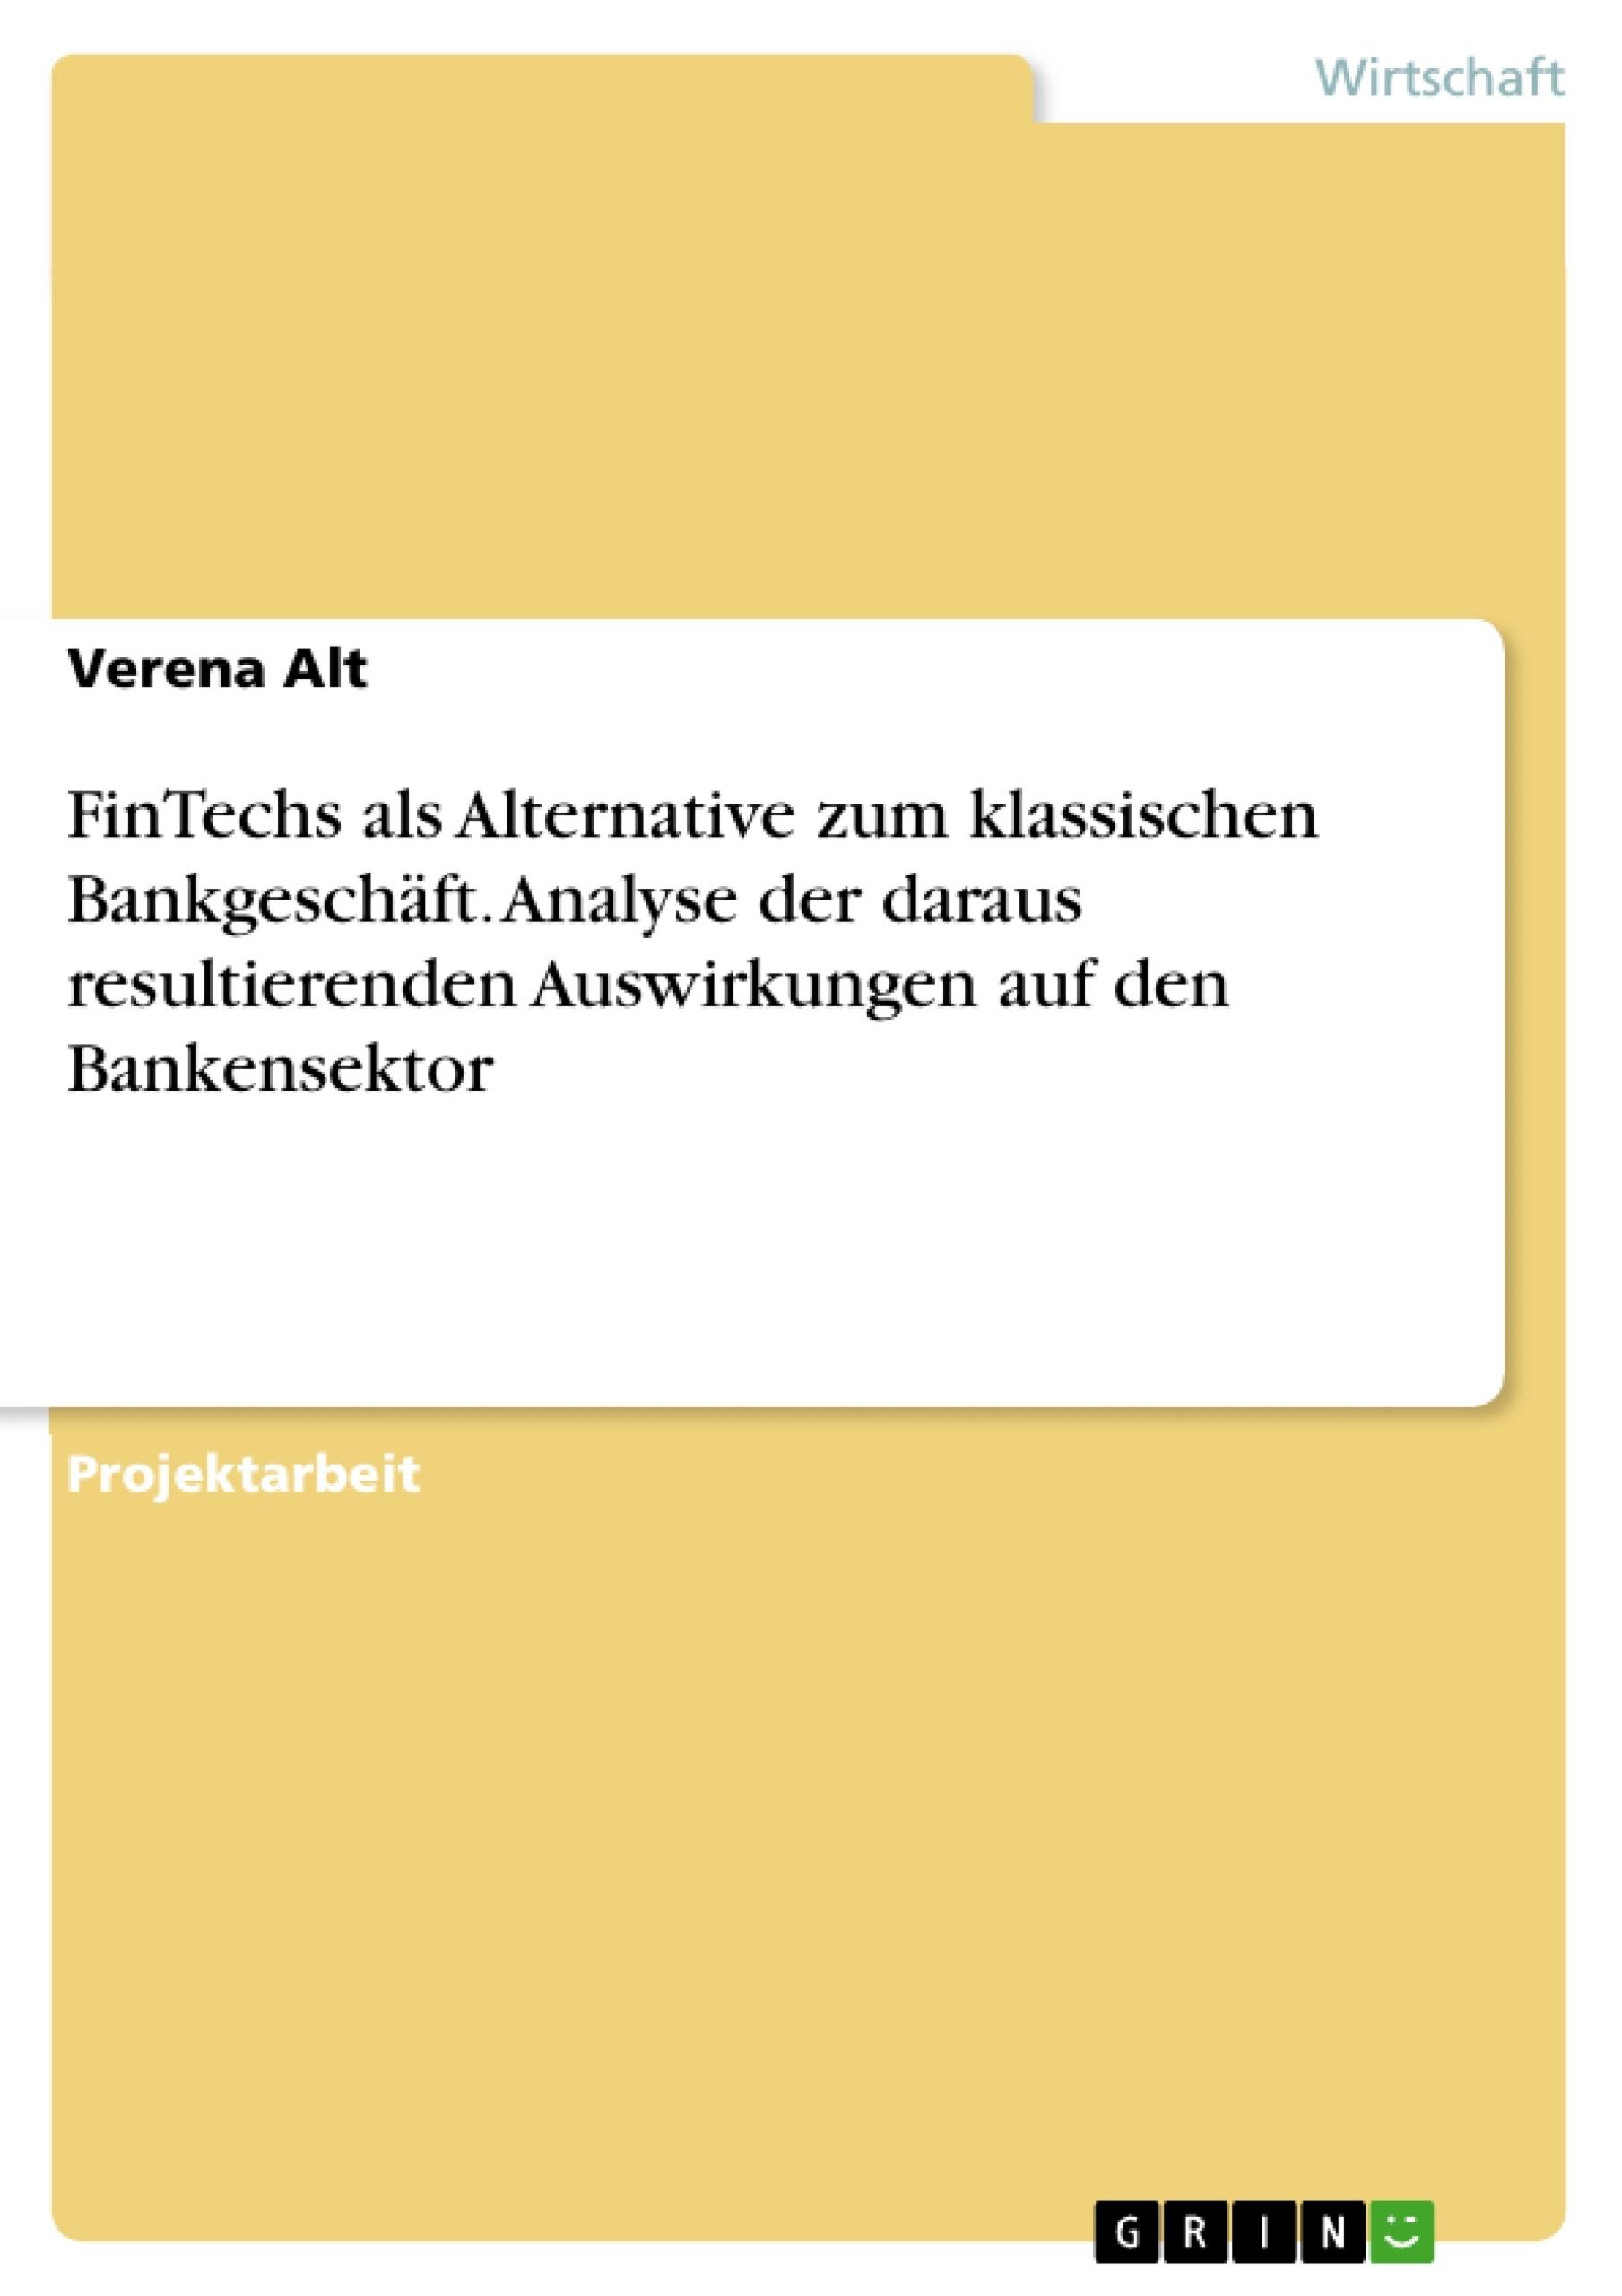 Titel: FinTechs als Alternative zum klassischen Bankgeschäft. Analyse der daraus resultierenden Auswirkungen auf den Bankensektor